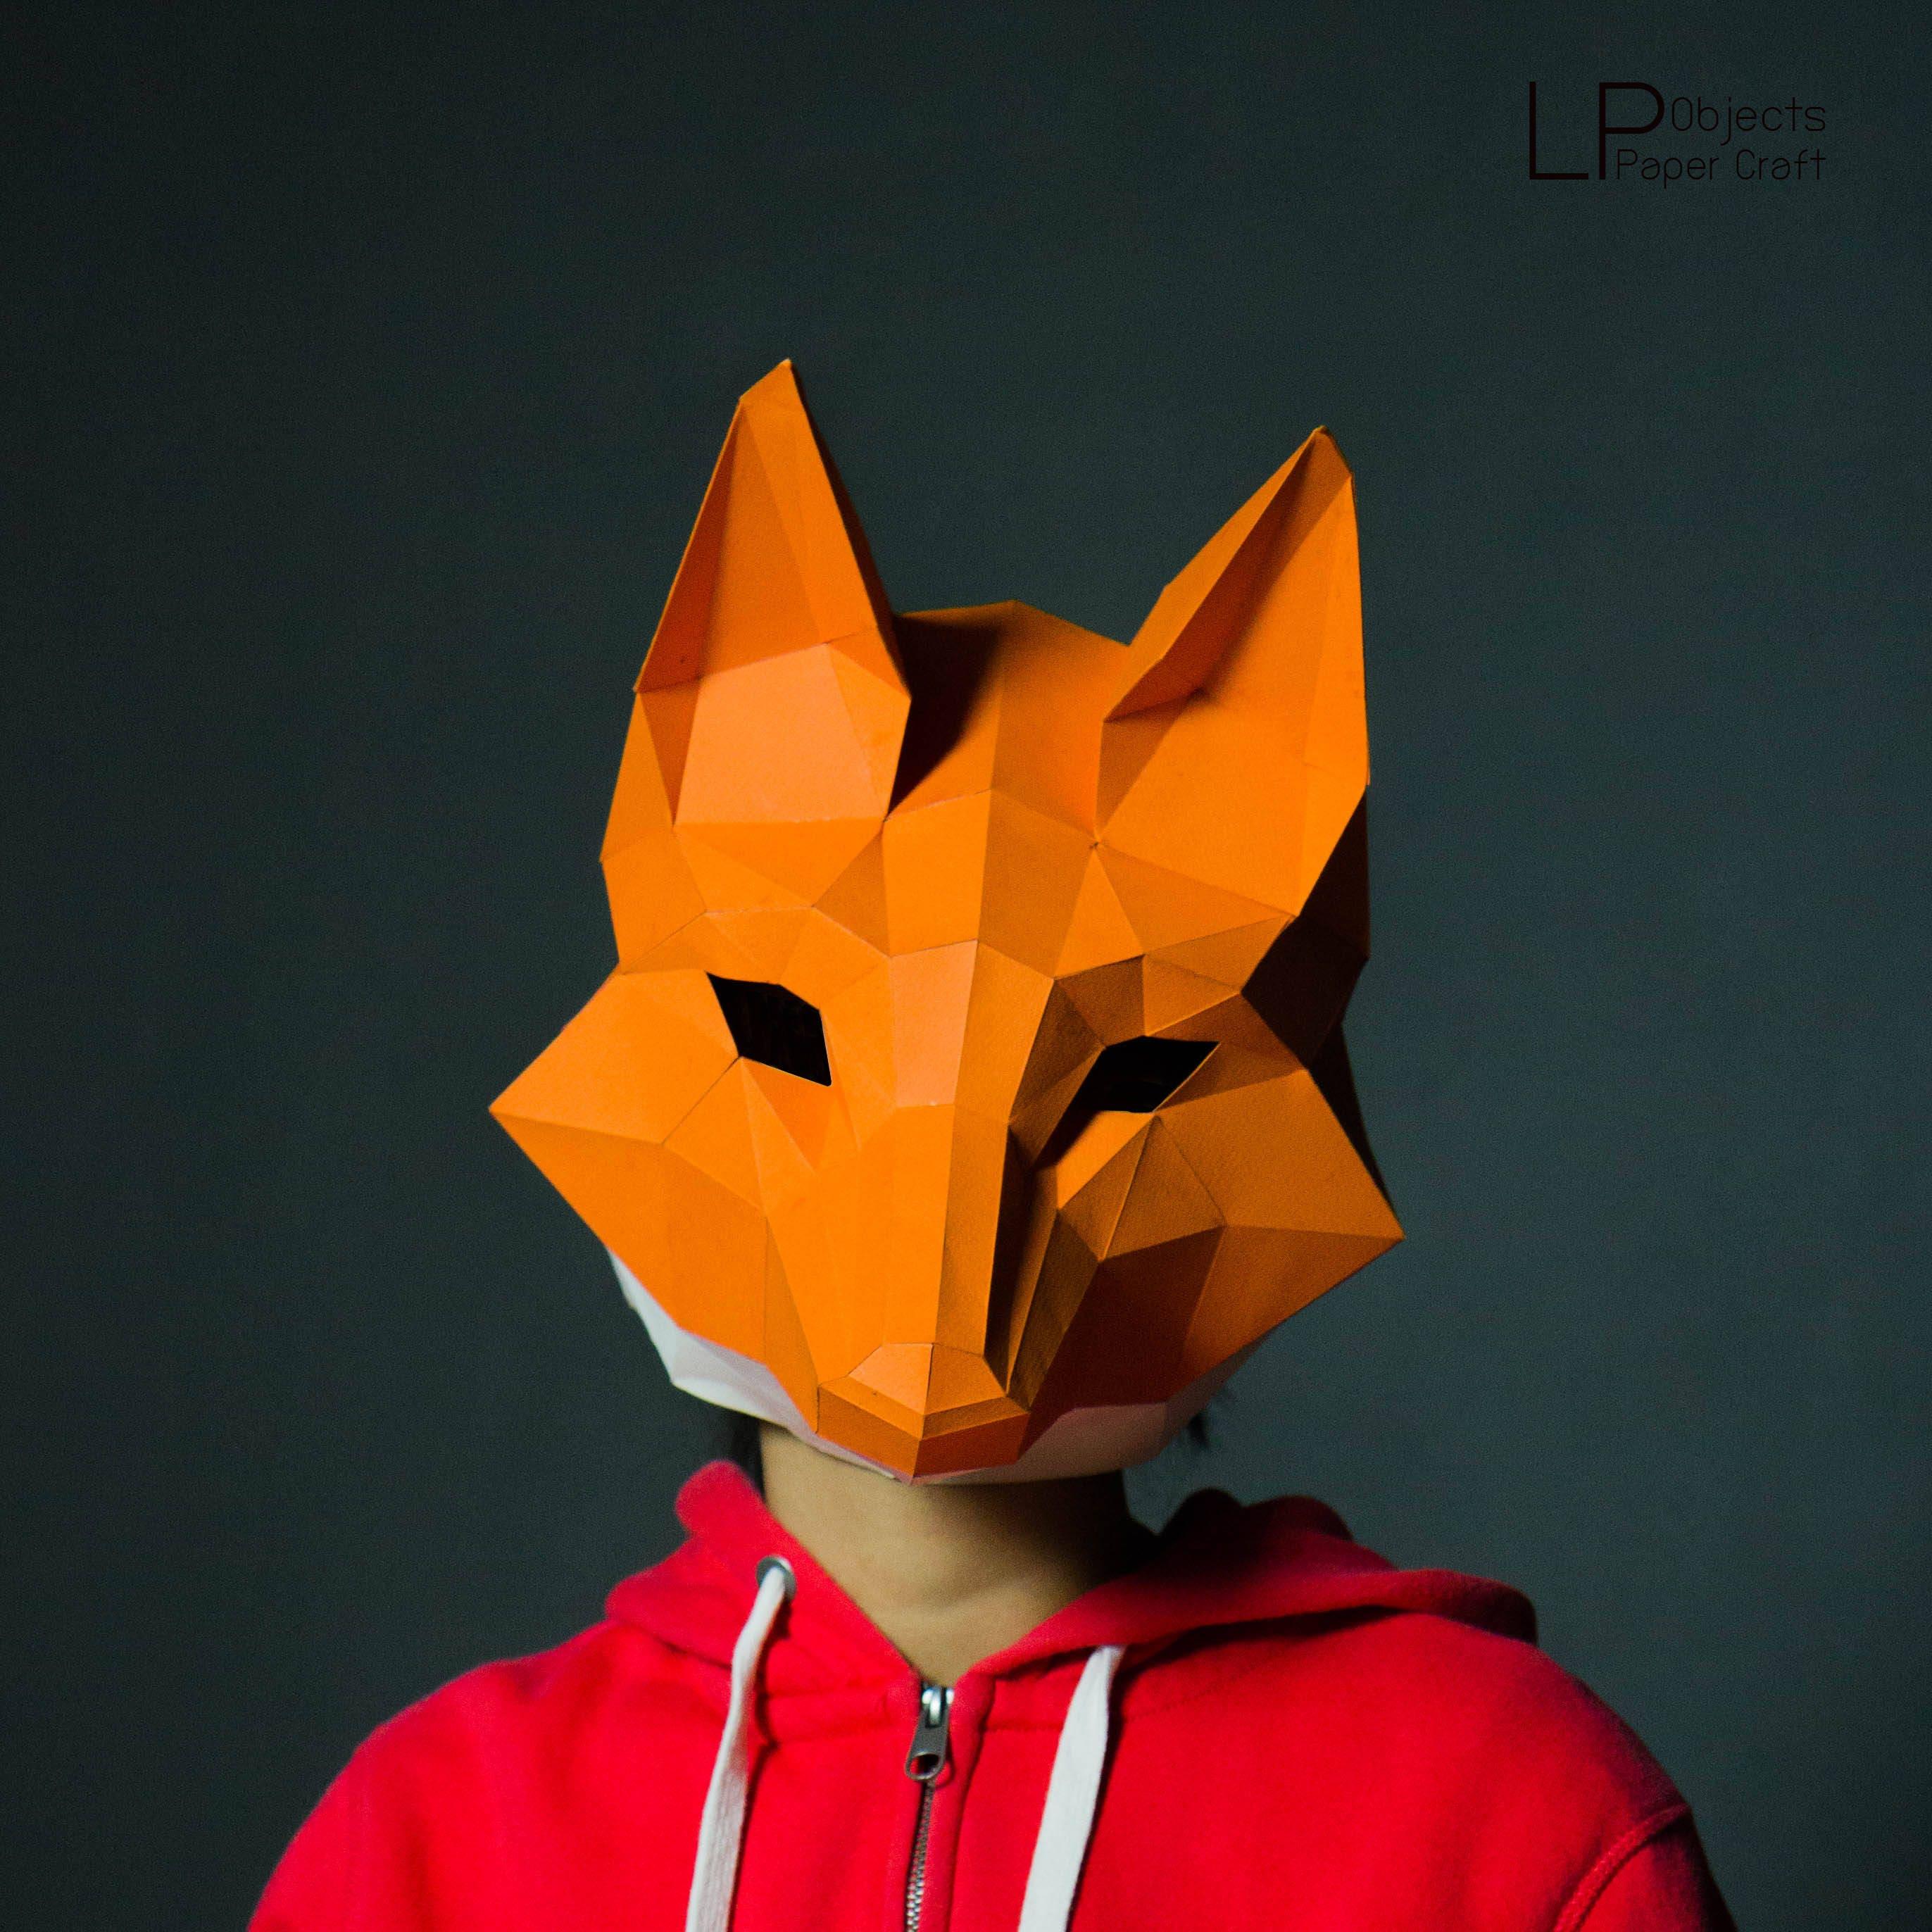 Fox Mask Fox Head Papercraftdiy New Year Mask 3d Polygon Etsy